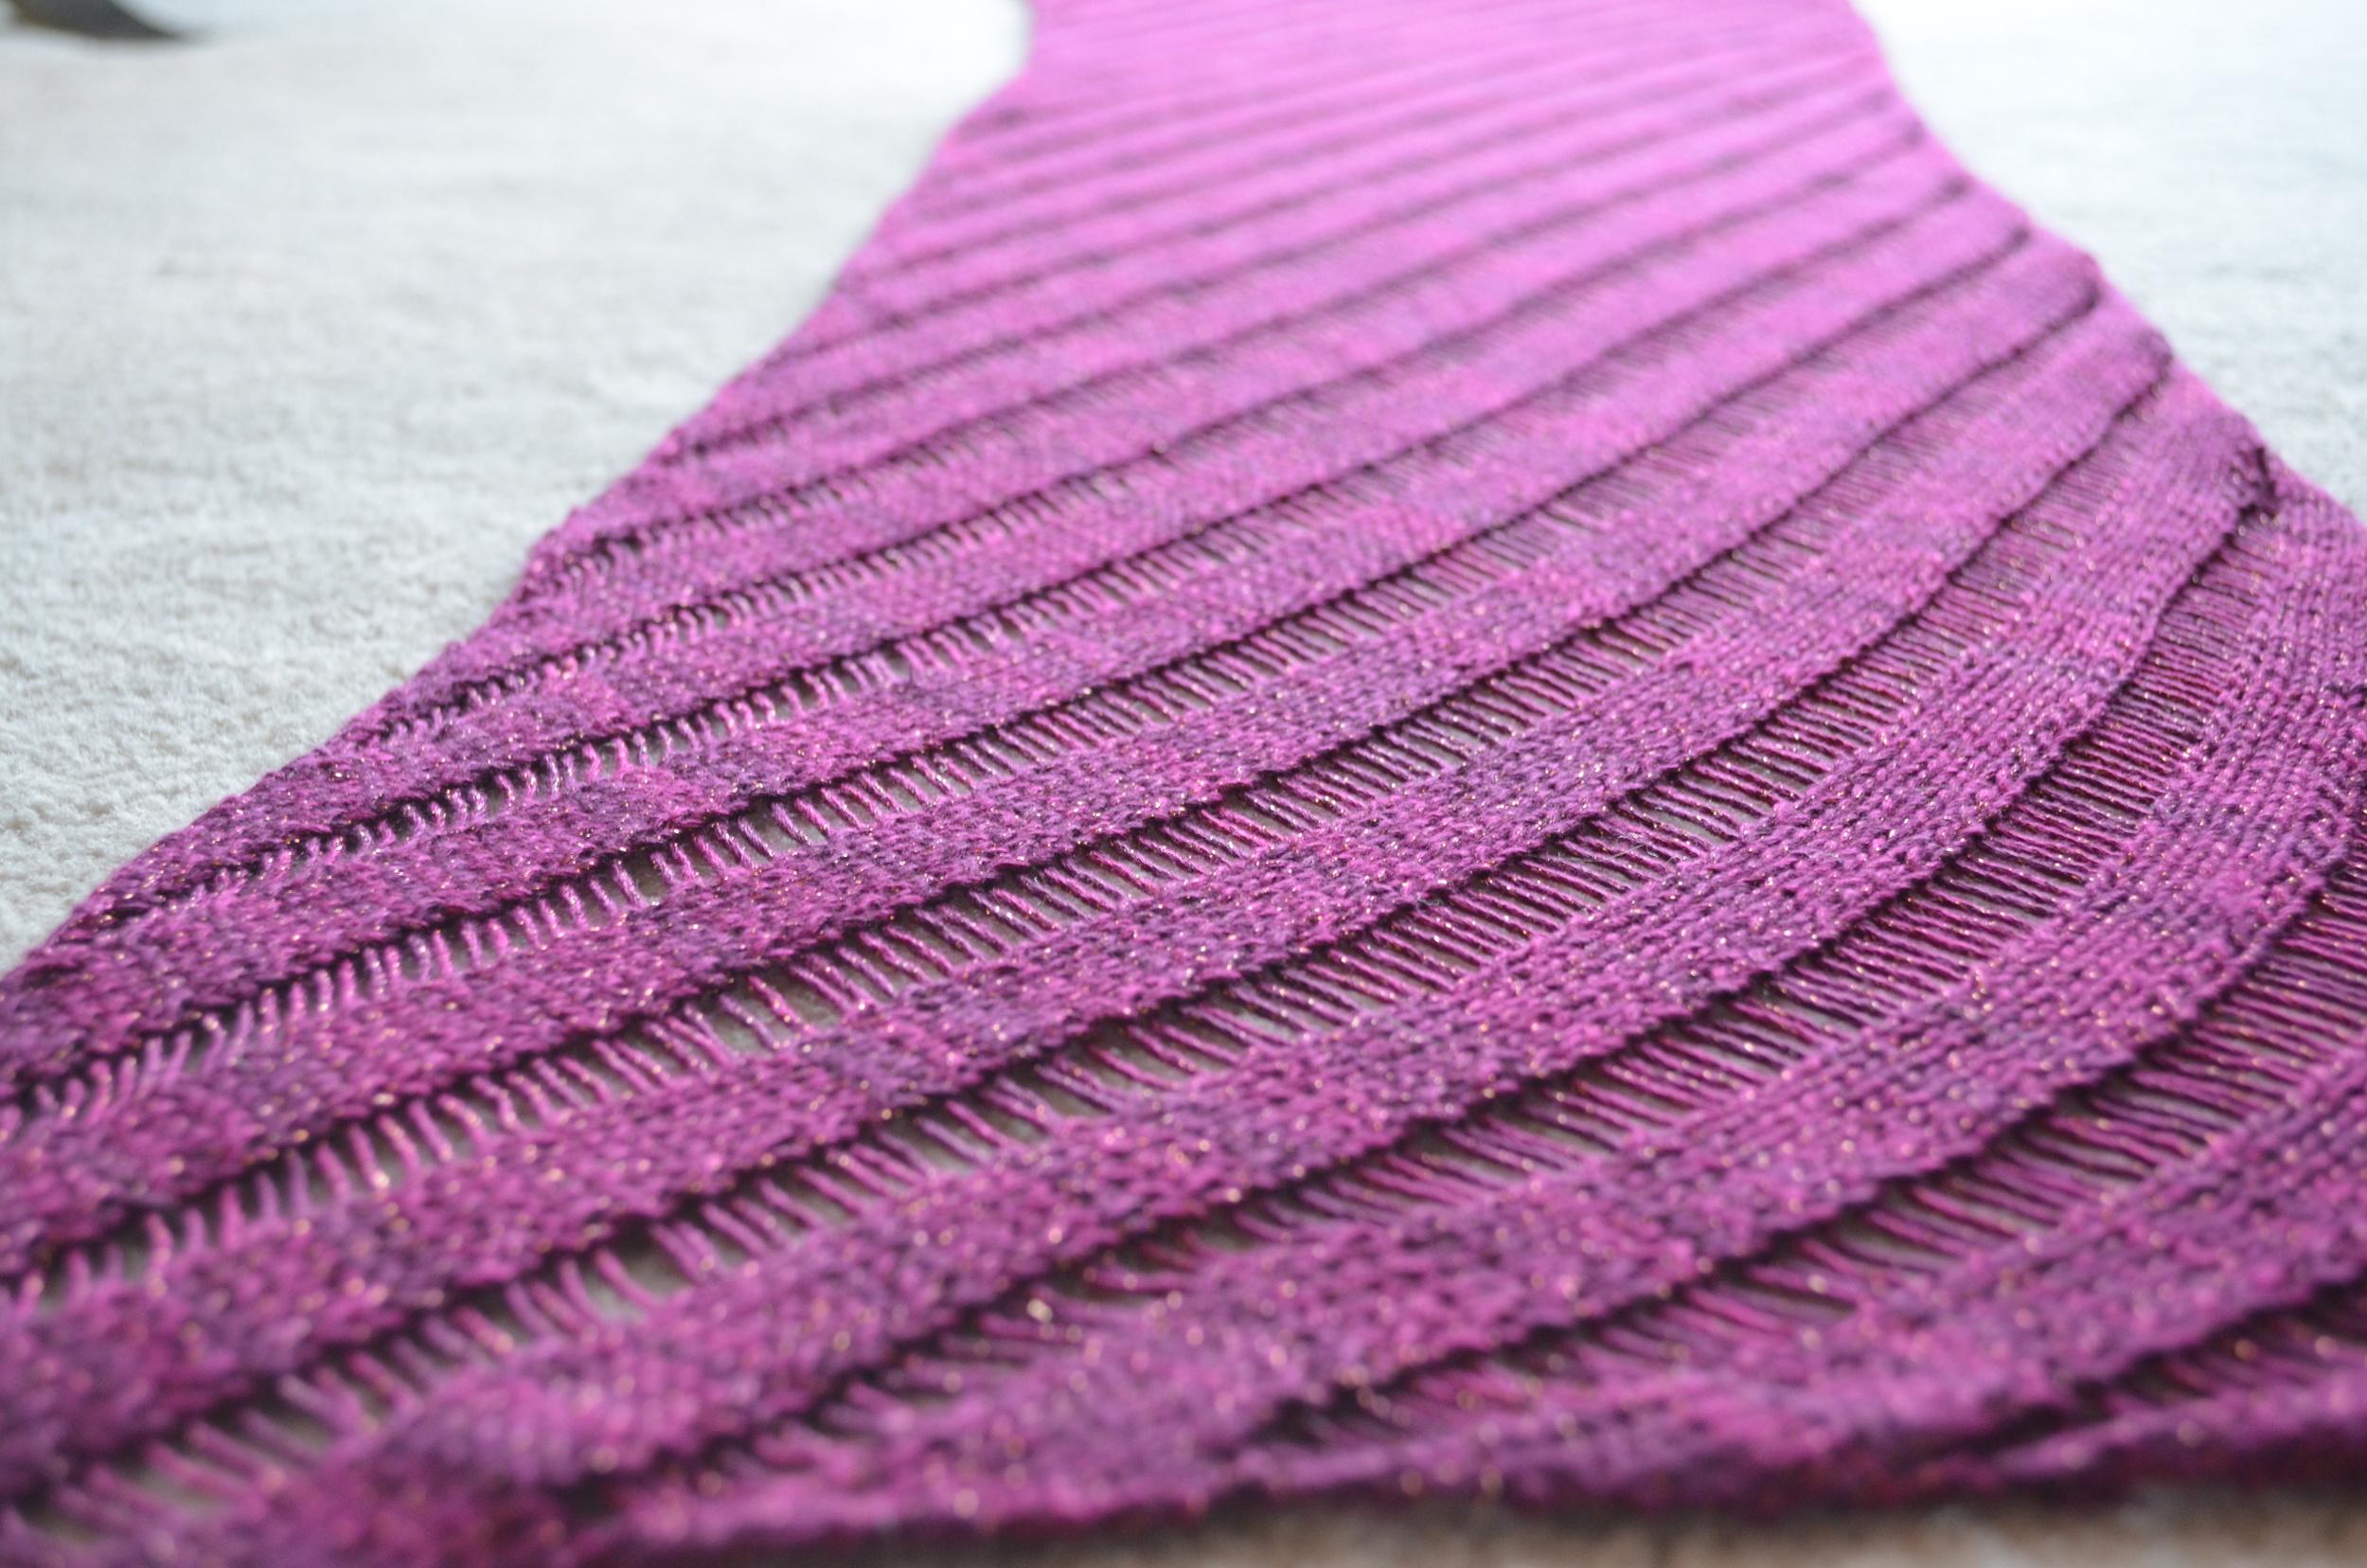 Clapotis / knit / warporweft.com